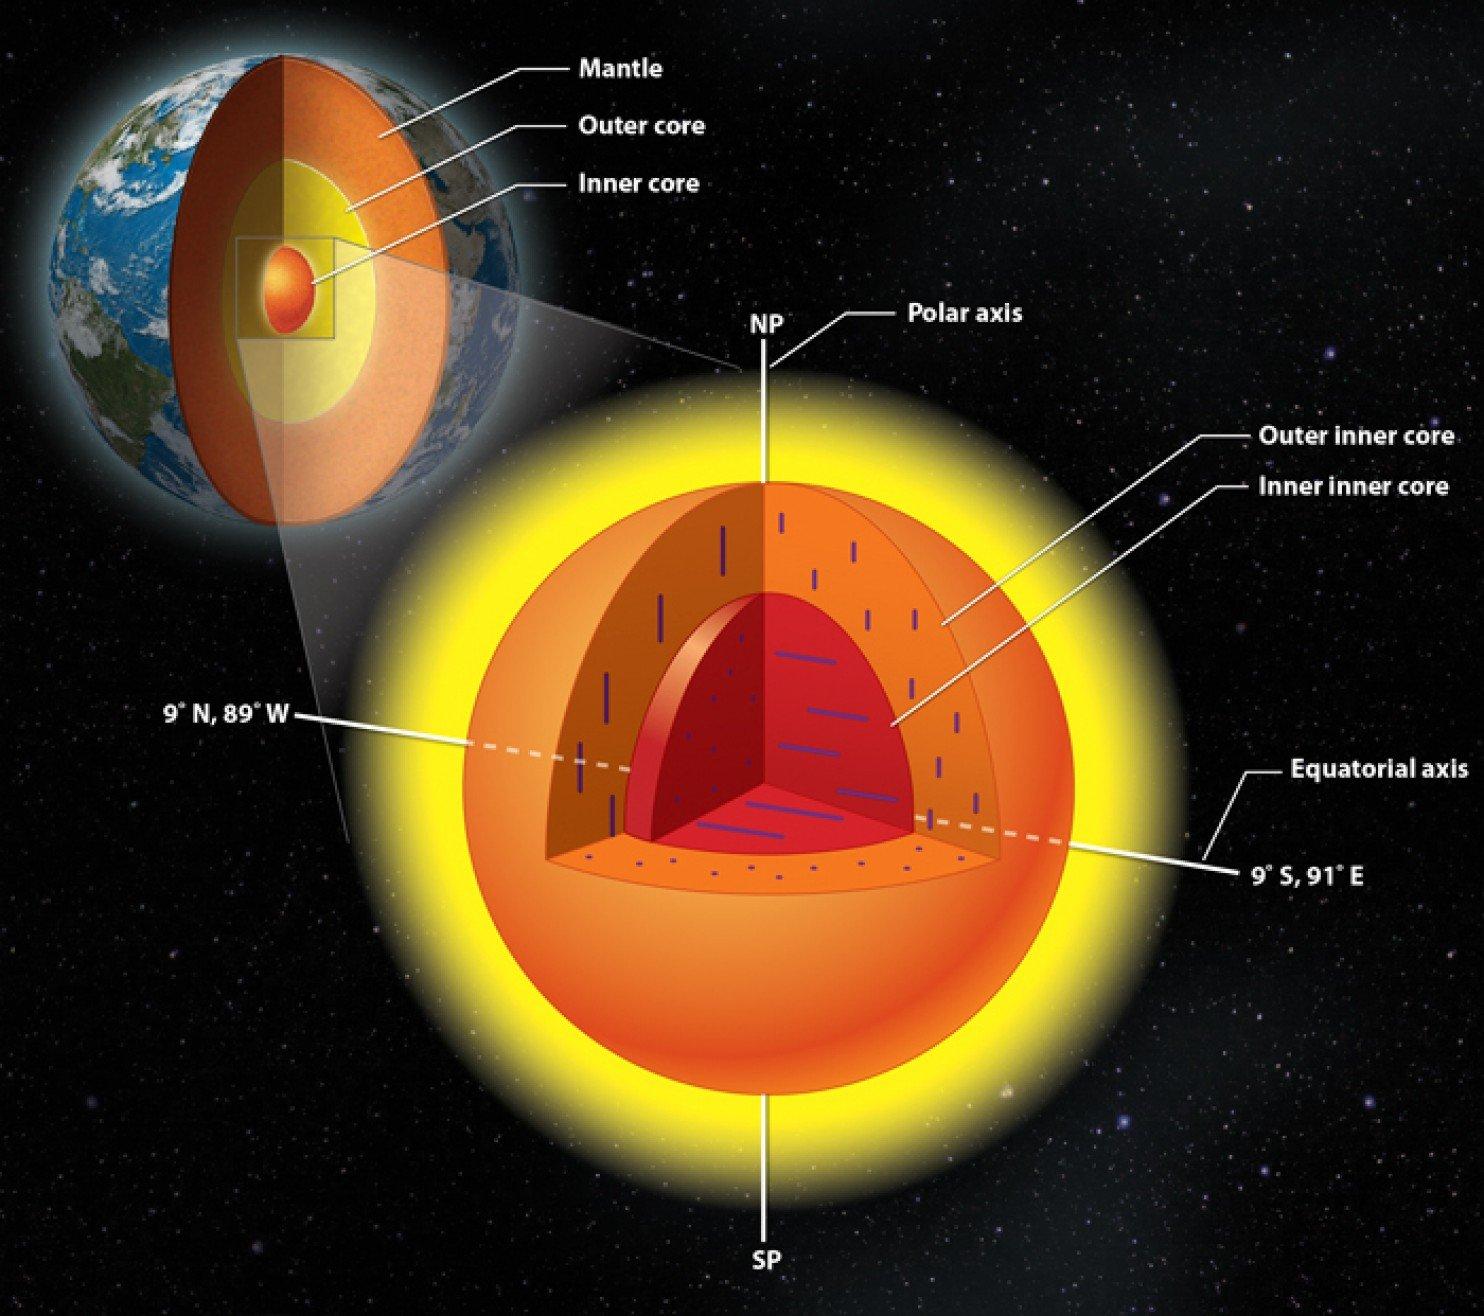 Der Kern der Erde besteht offenbar aus zwei Kernen. Das haben Forscher aus den USA und China herausgefunden.Die Ausrichtung der Kristalle in der Innenkugel steht senkrecht zu der im restlichen inneren Kern.